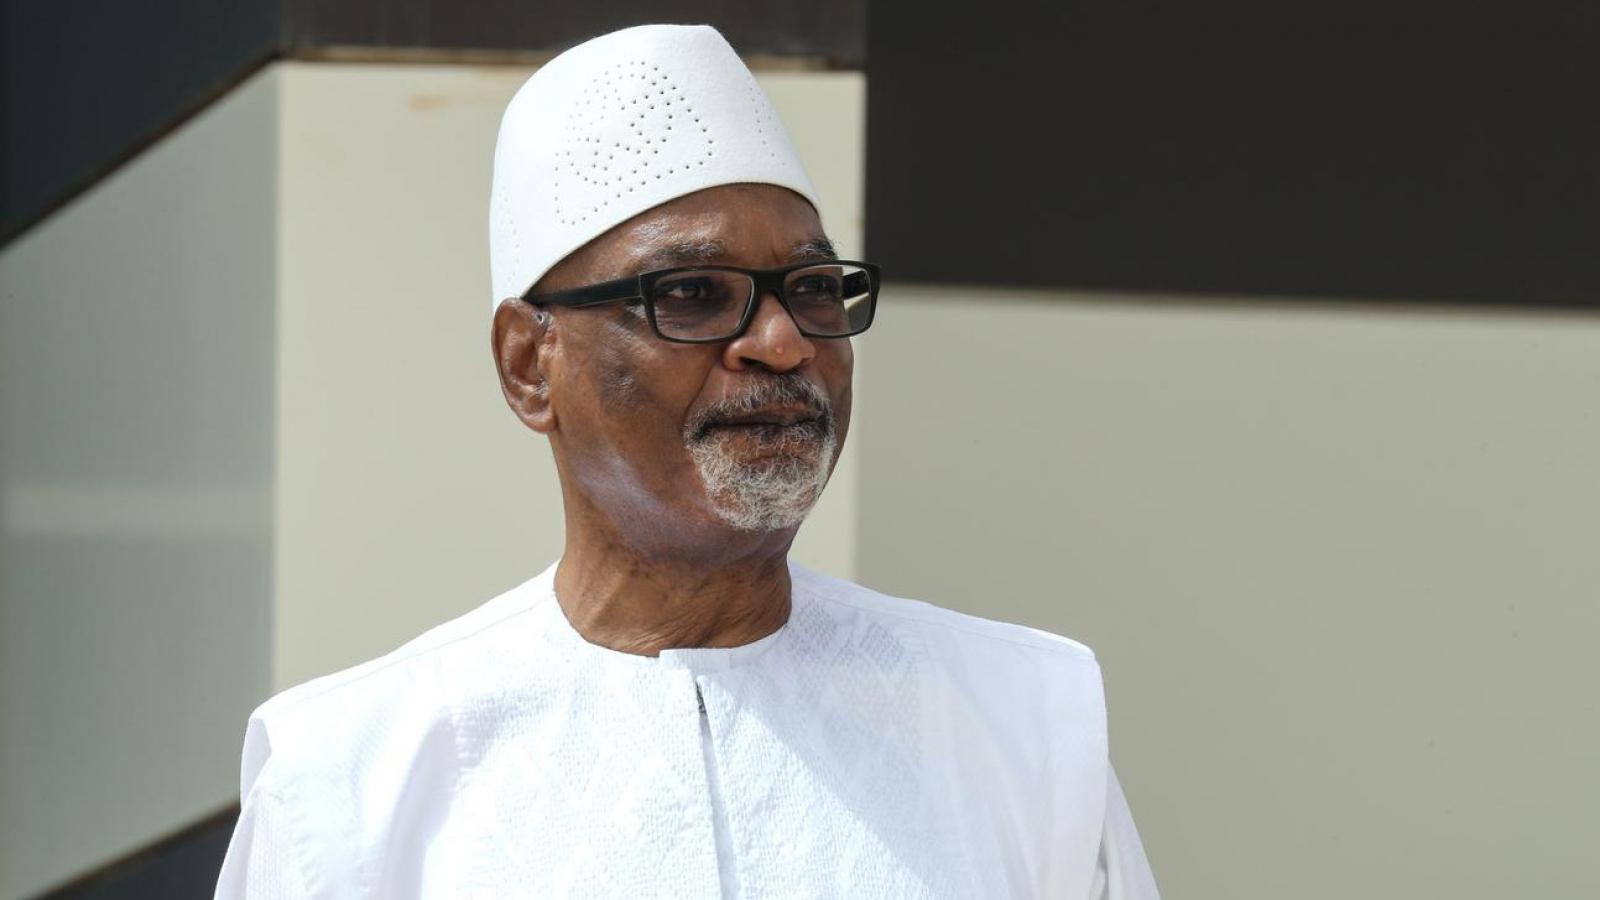 Tổng thống từ chức sau khi bị quân đội bắt, Mali chìm sâu vào khủng hoảng